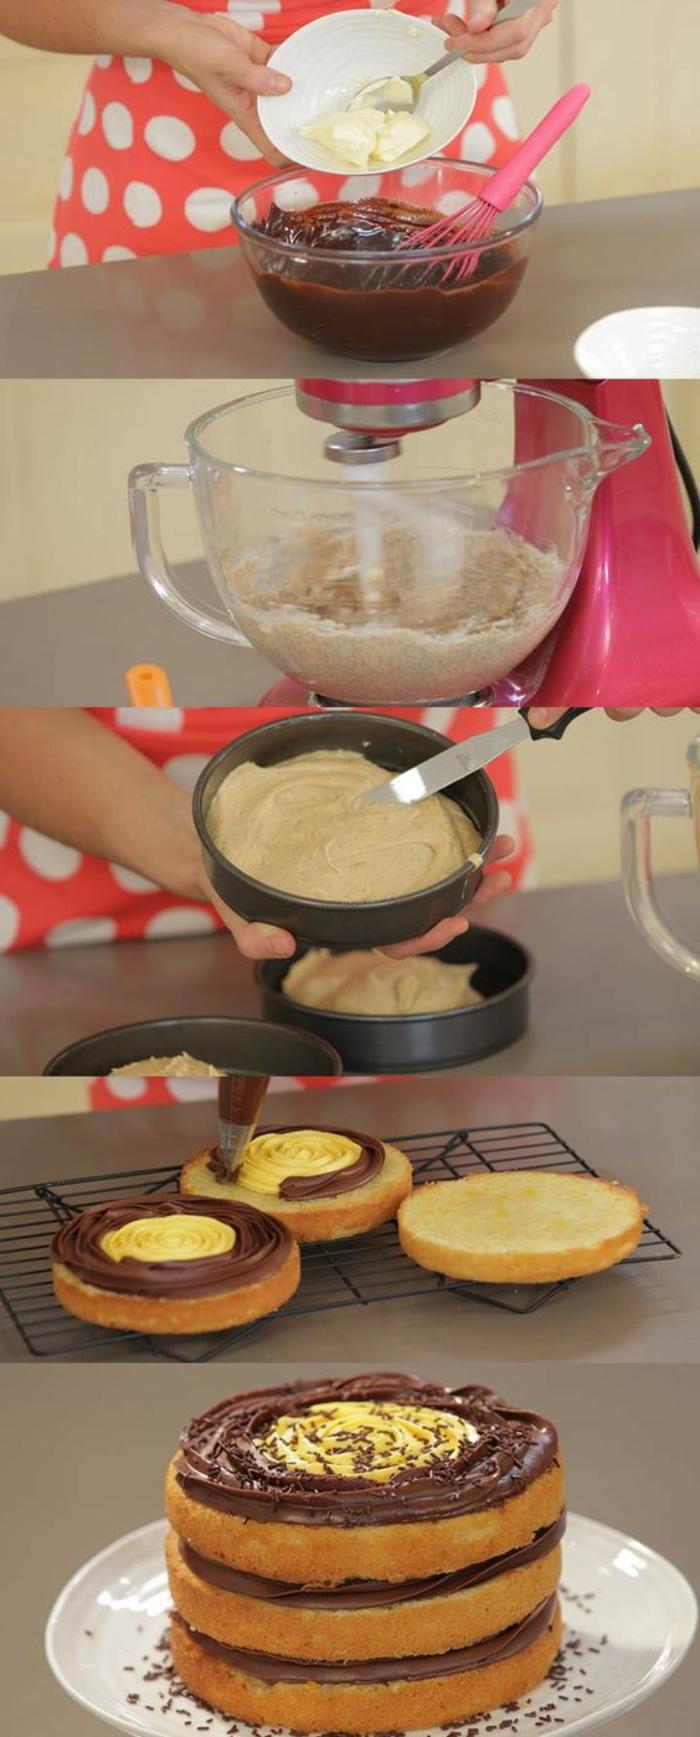 tartas-de-cumpleaños-dibujo-tarta-fácil-de-hacer-en-casa-con-crema-de-chocolate-y-vanilla